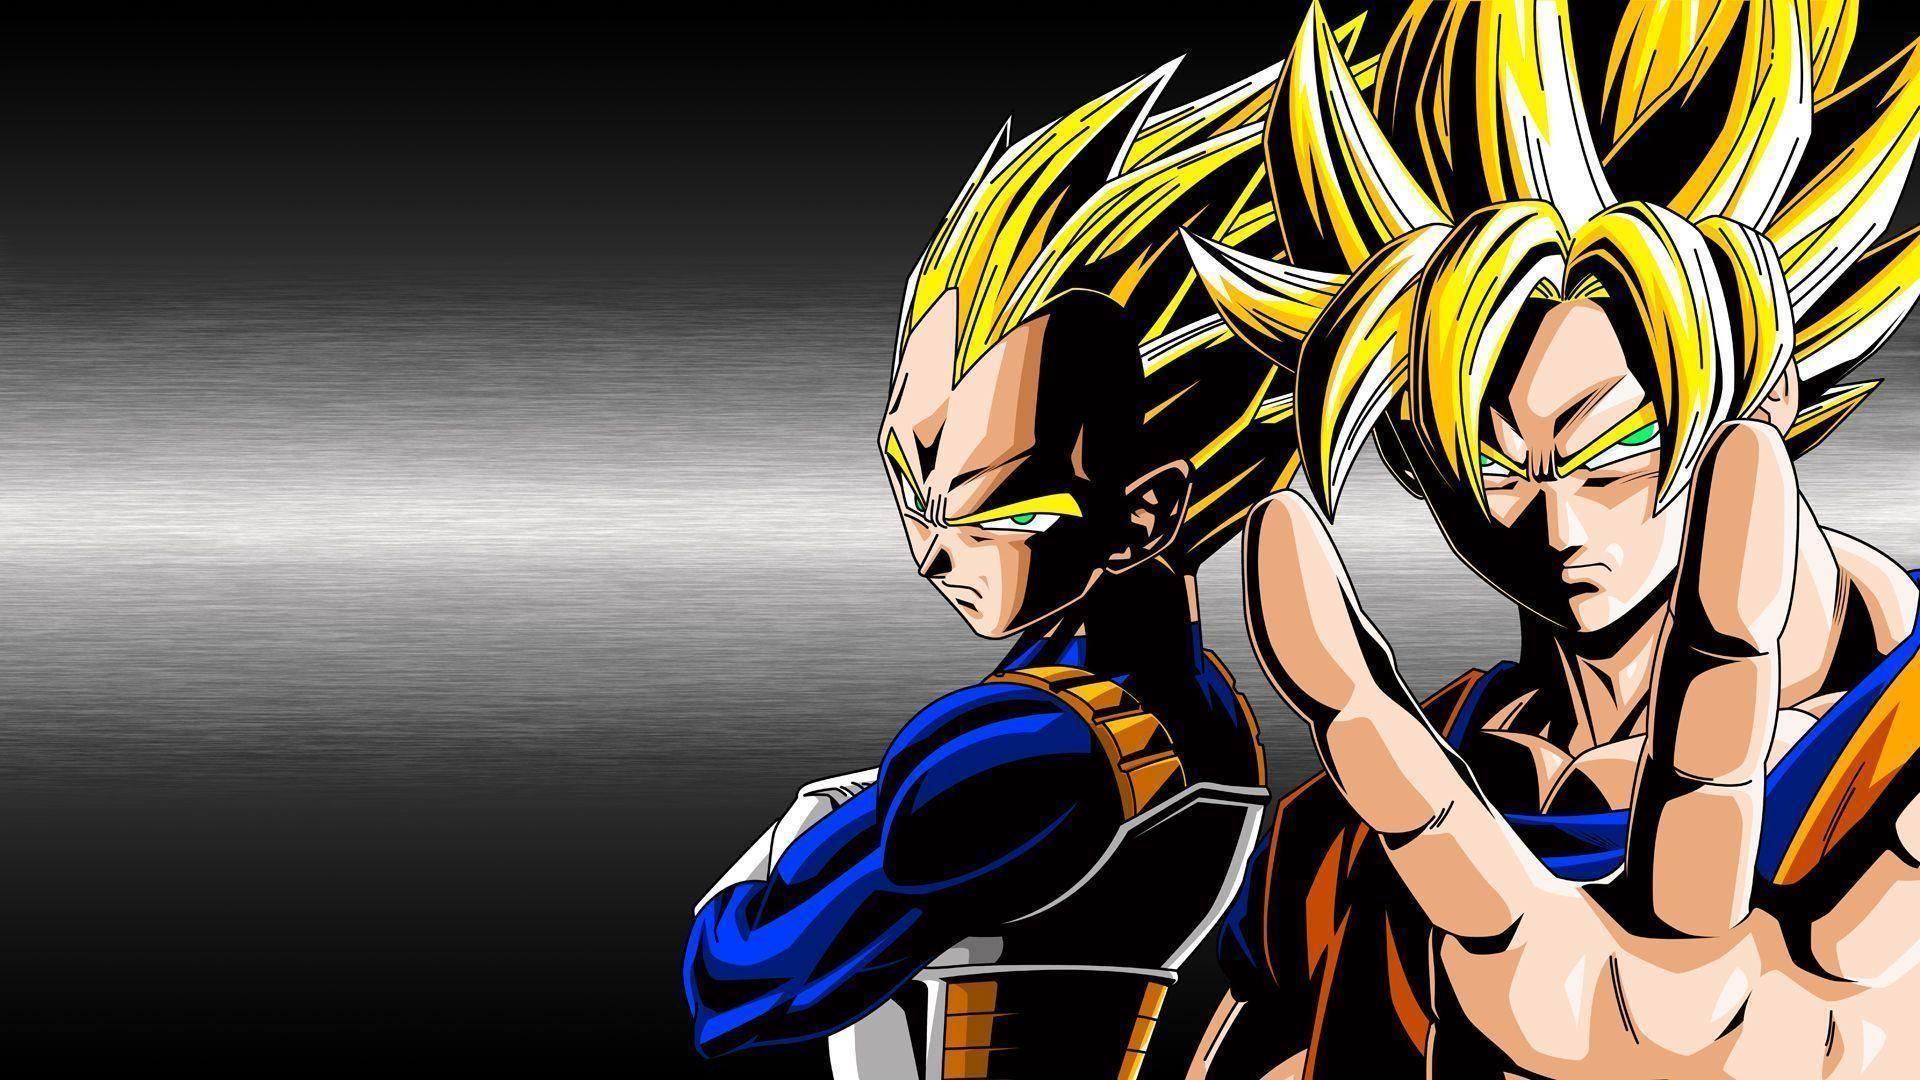 Goku Super Saiyan 4 HD Wallpapers Group (88+)